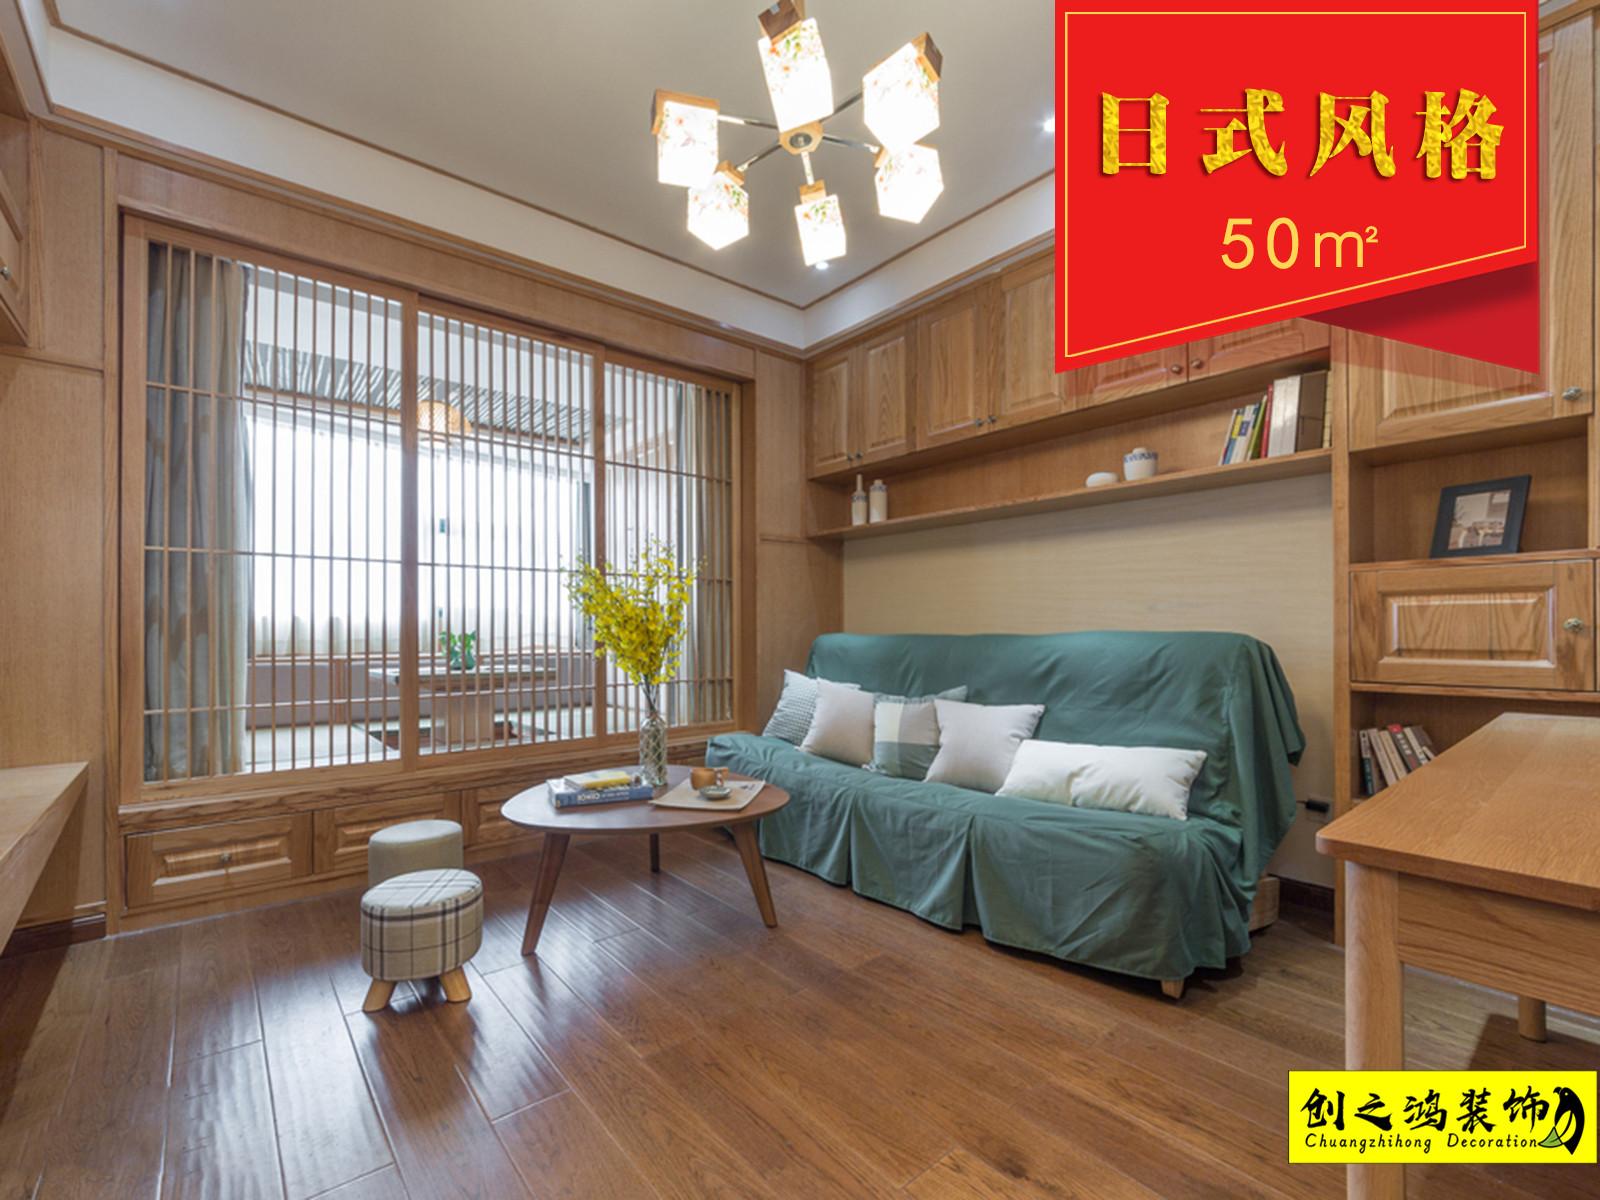 50㎡融创中心一居室日式风格装修效果图